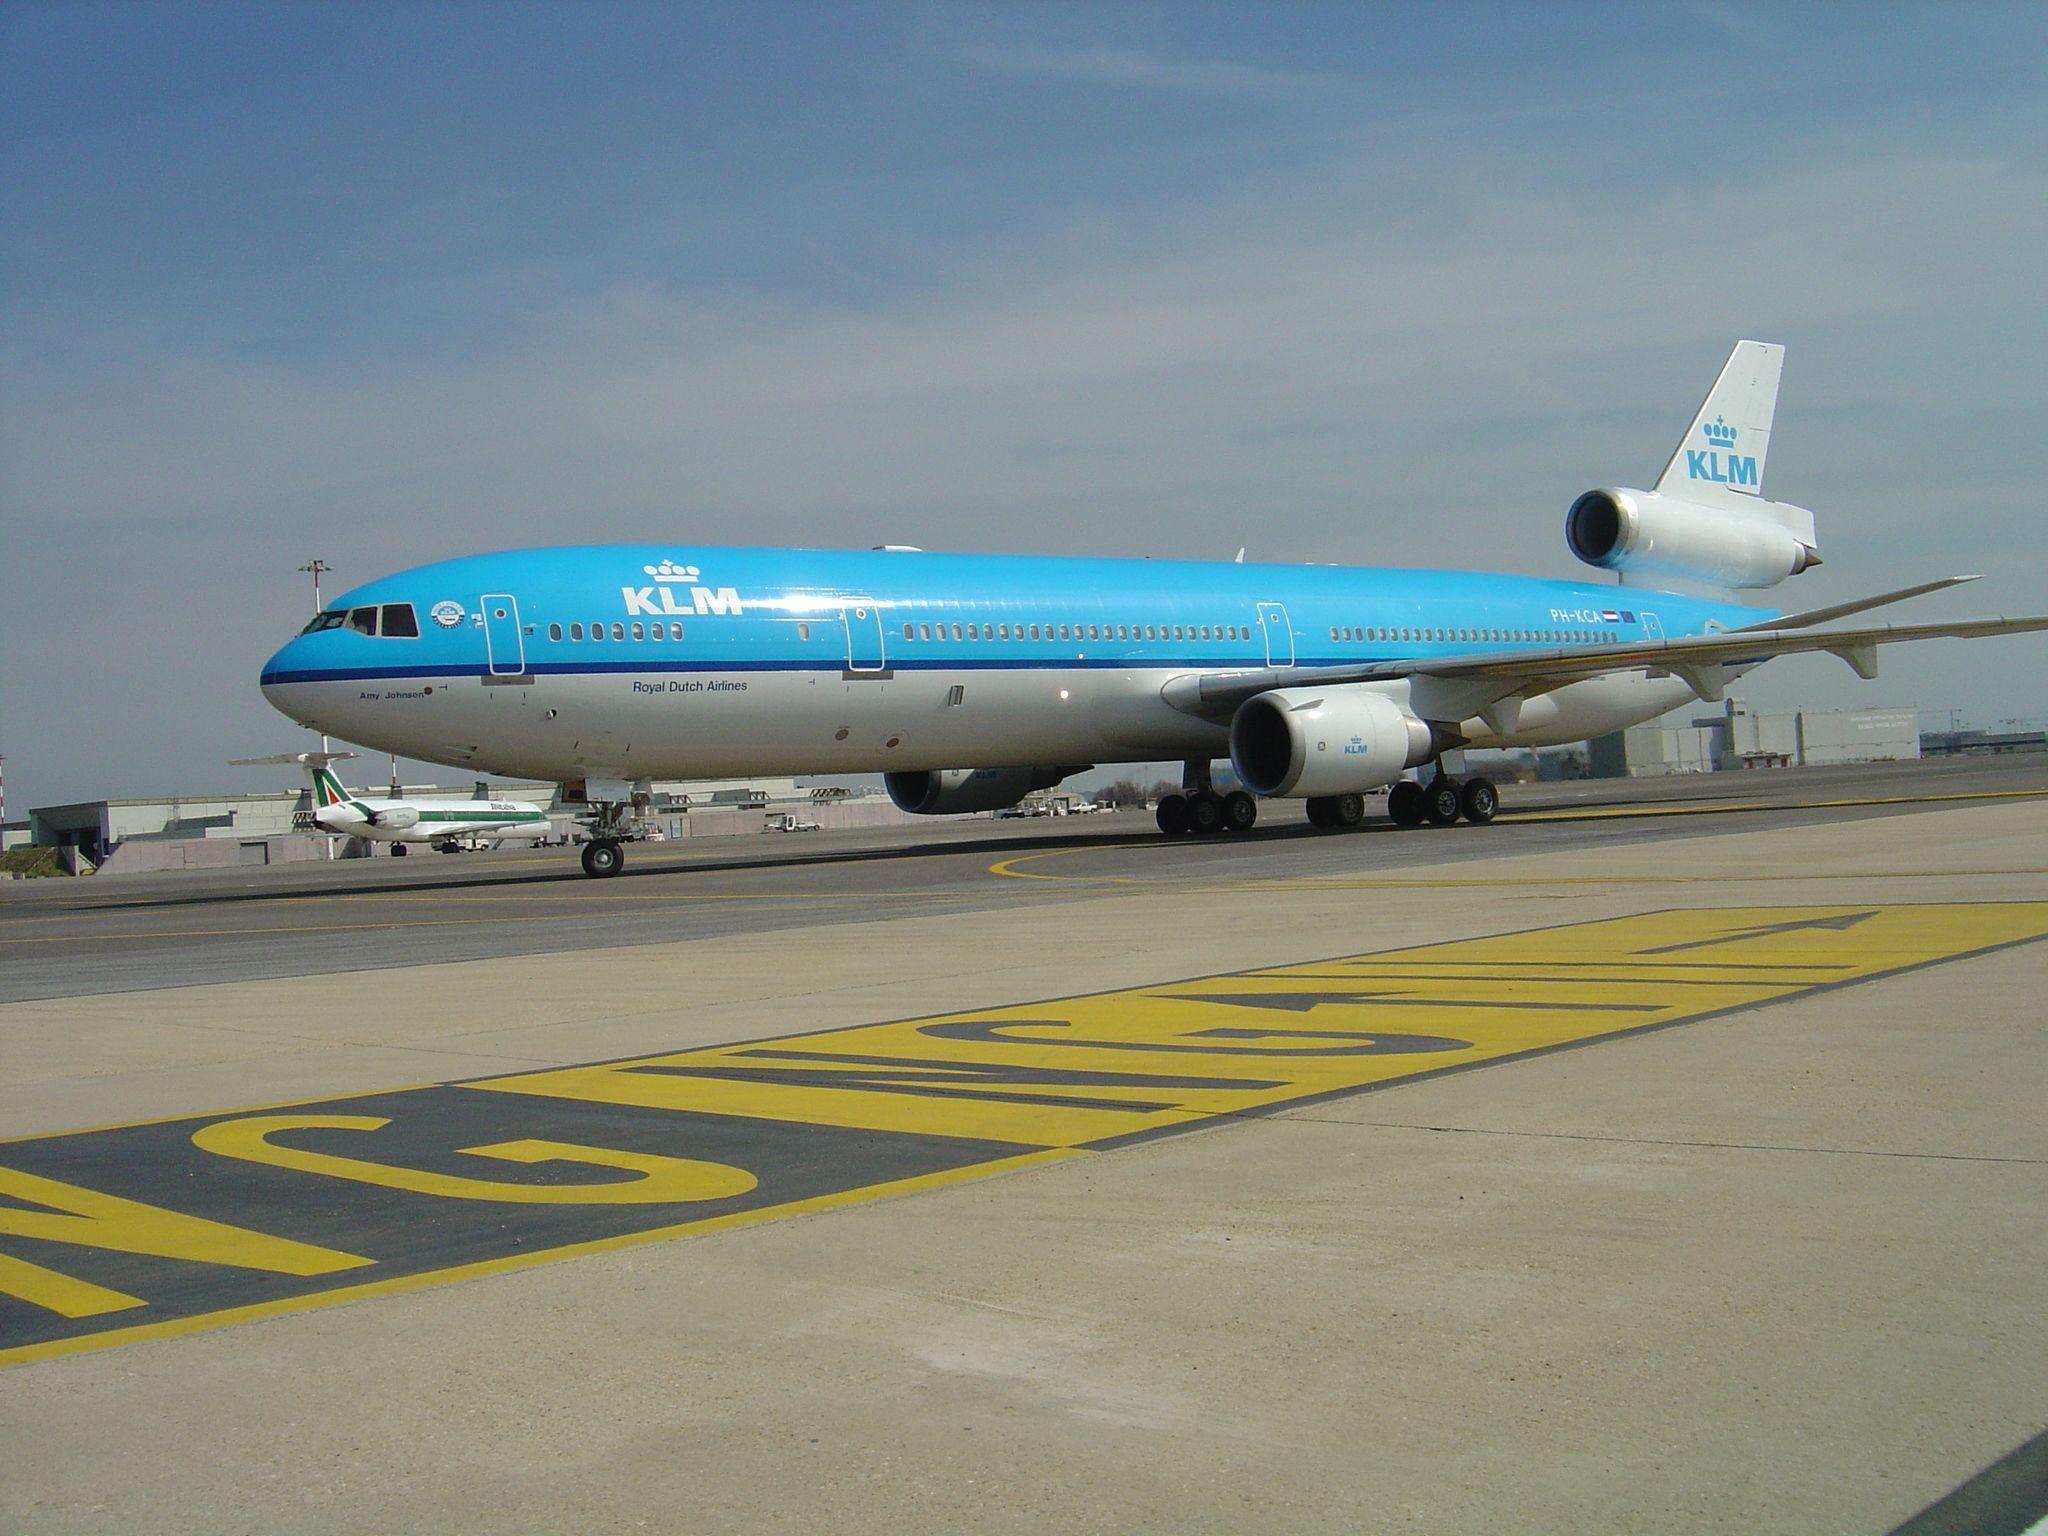 Pin van Air Cargo How It Works op MD11 KLM in 2020